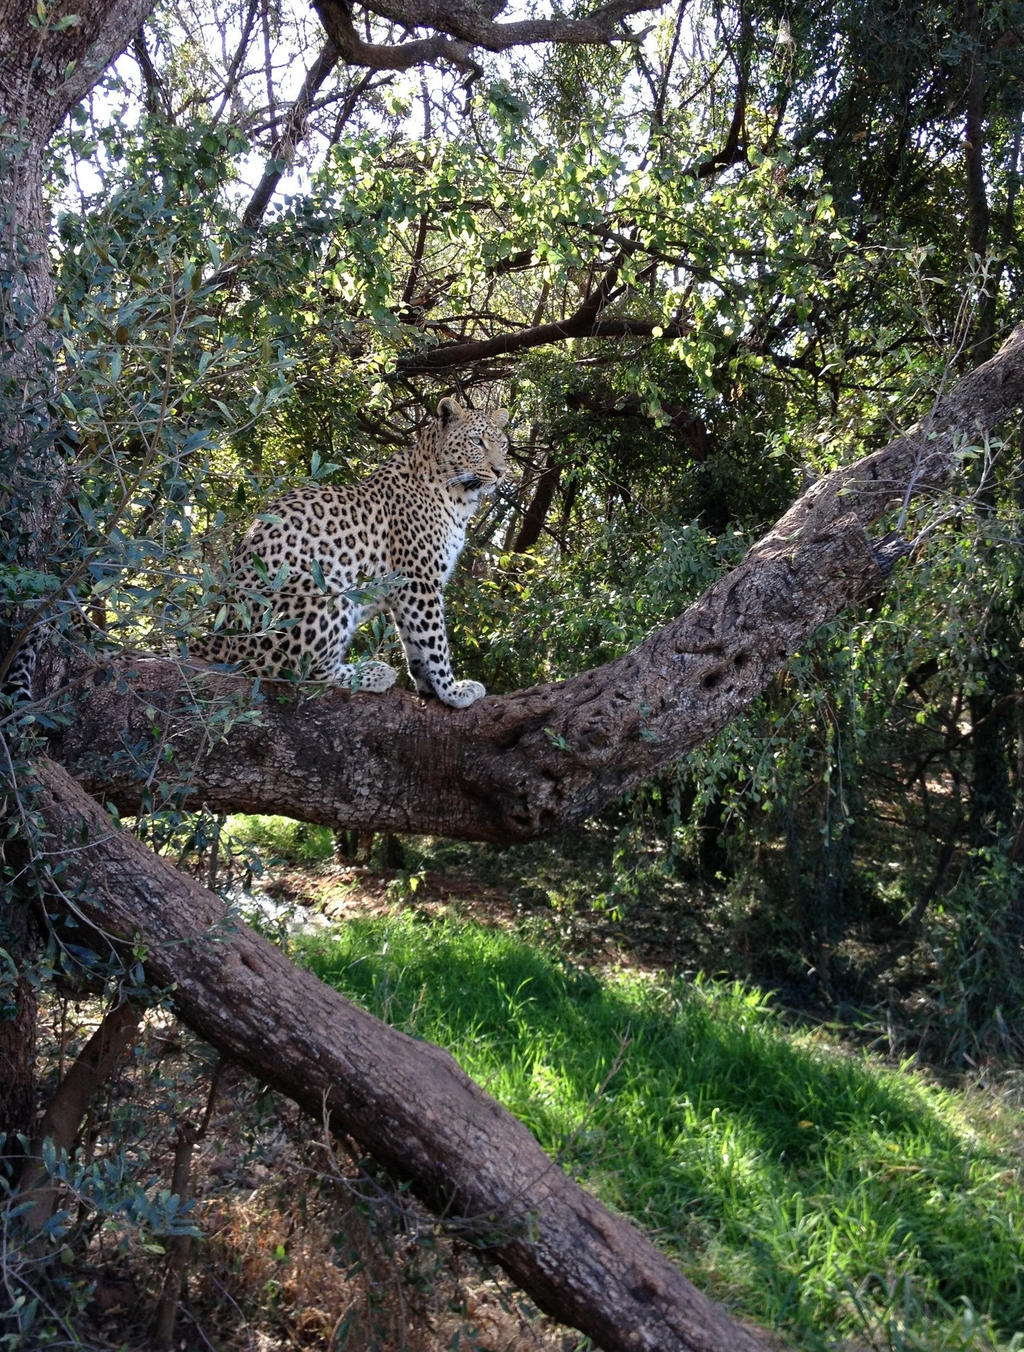 Leopard in tree - stock by kridah-stock